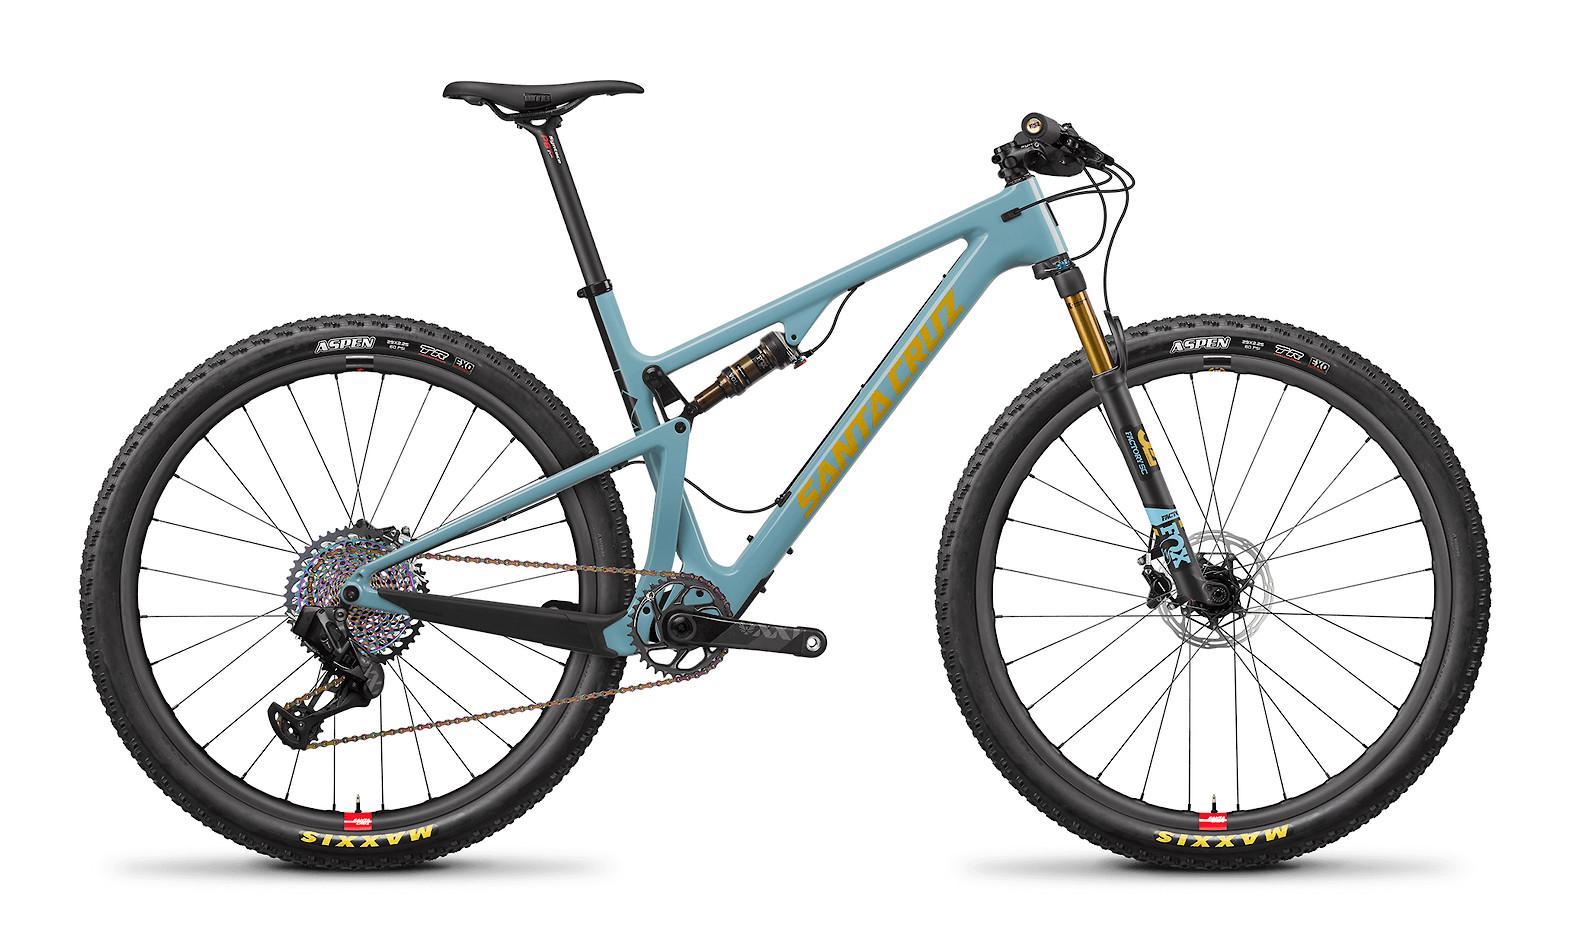 Santa Cruz Blur Carbon CC Frame (2020; Gloss Aqua and Yellow)